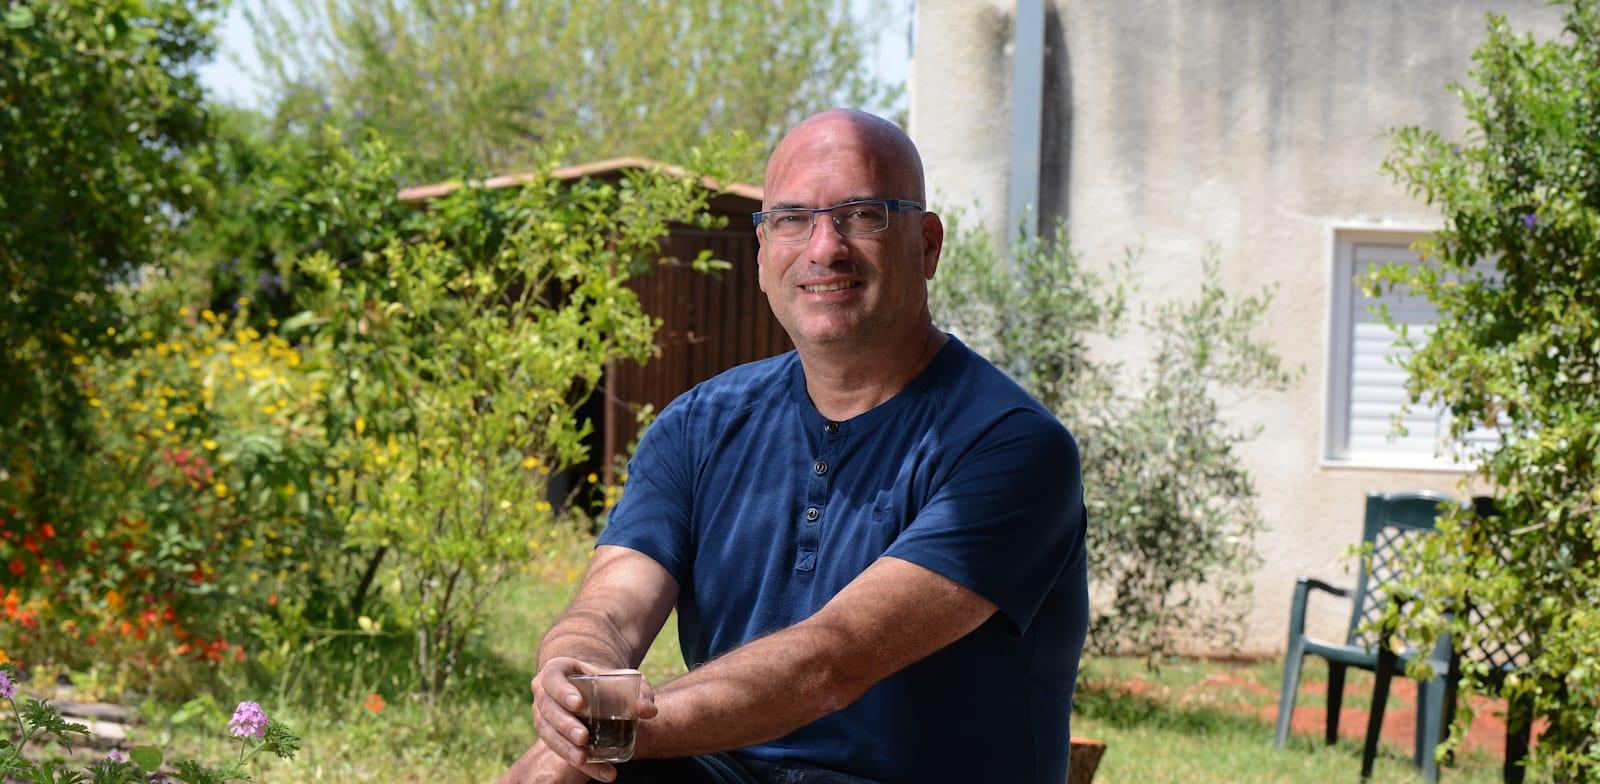 אופיר ליבשטיין, ראש מועצת שער הנגב / צילום: איל יצהר